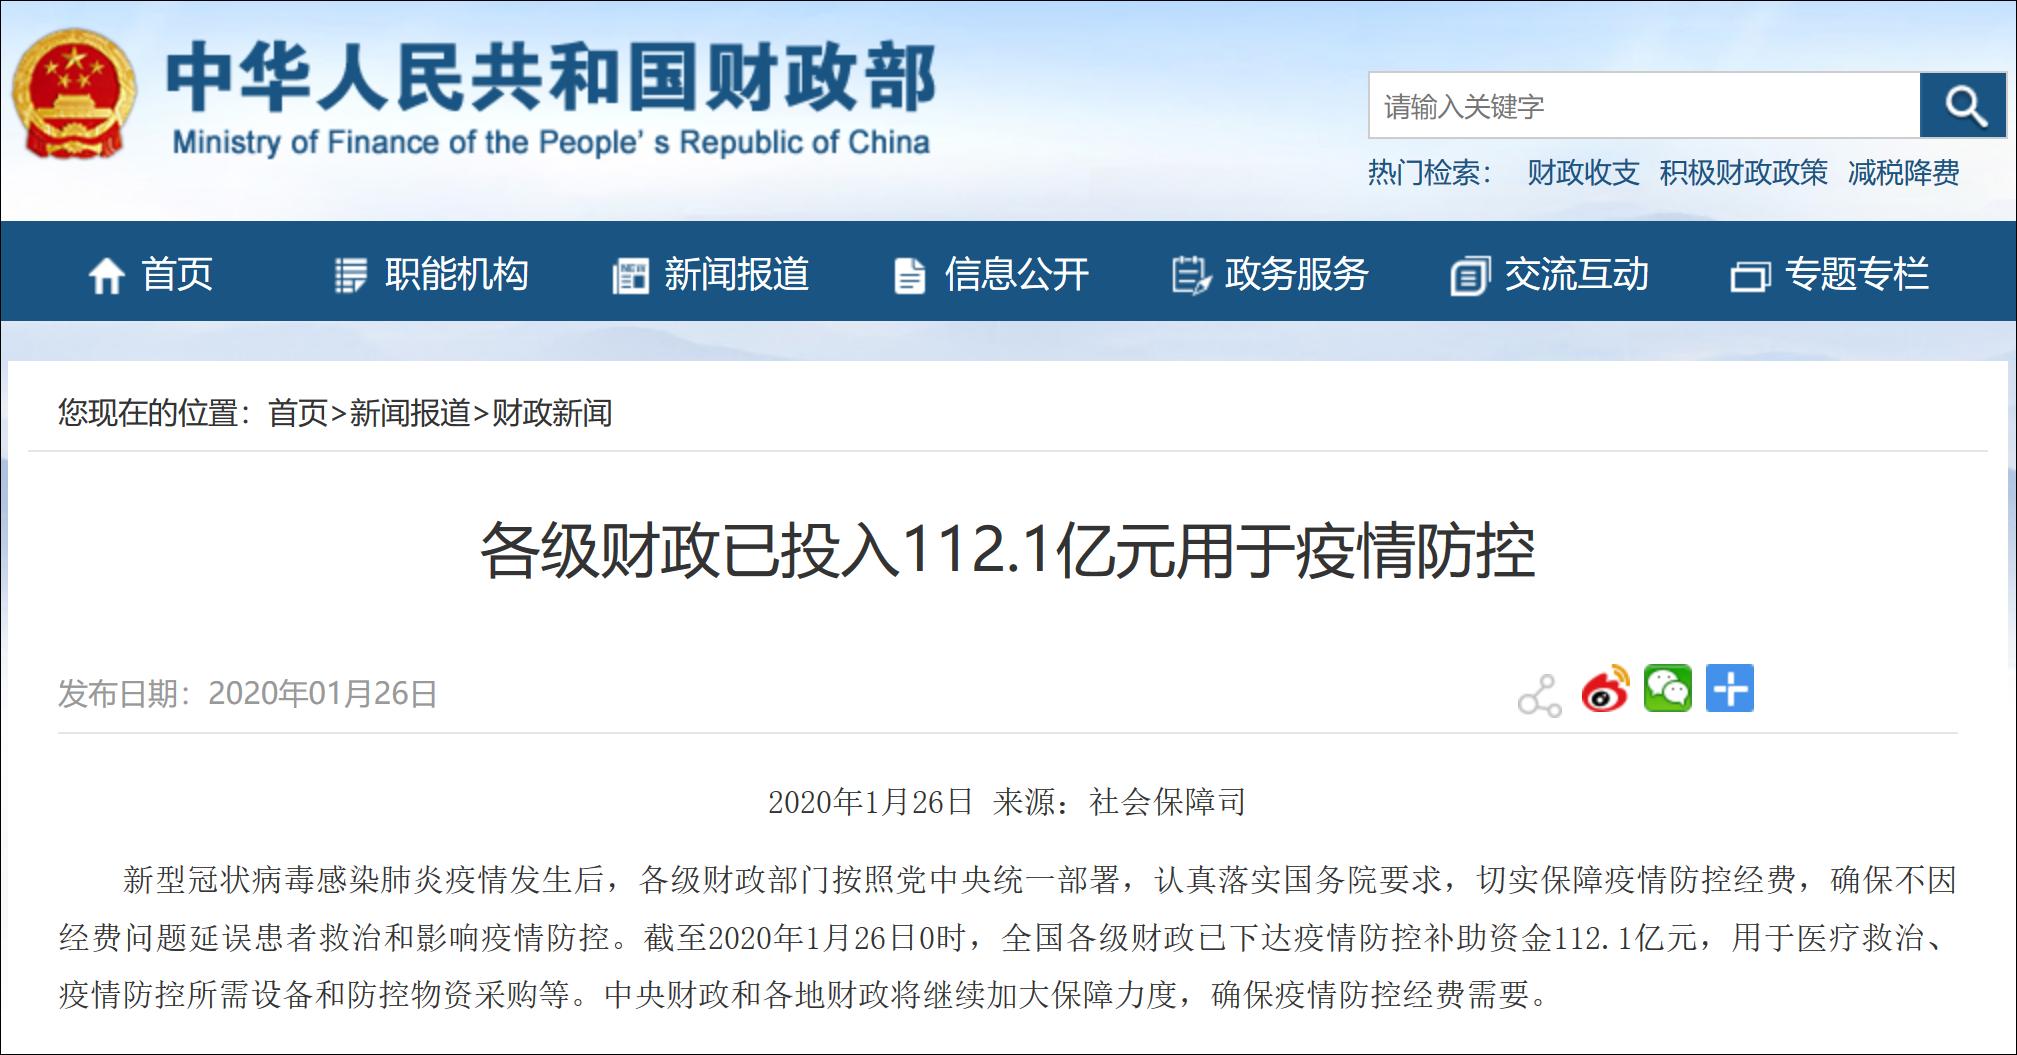 朝劳动党全体会议首次超2天金正恩大谈经济建设